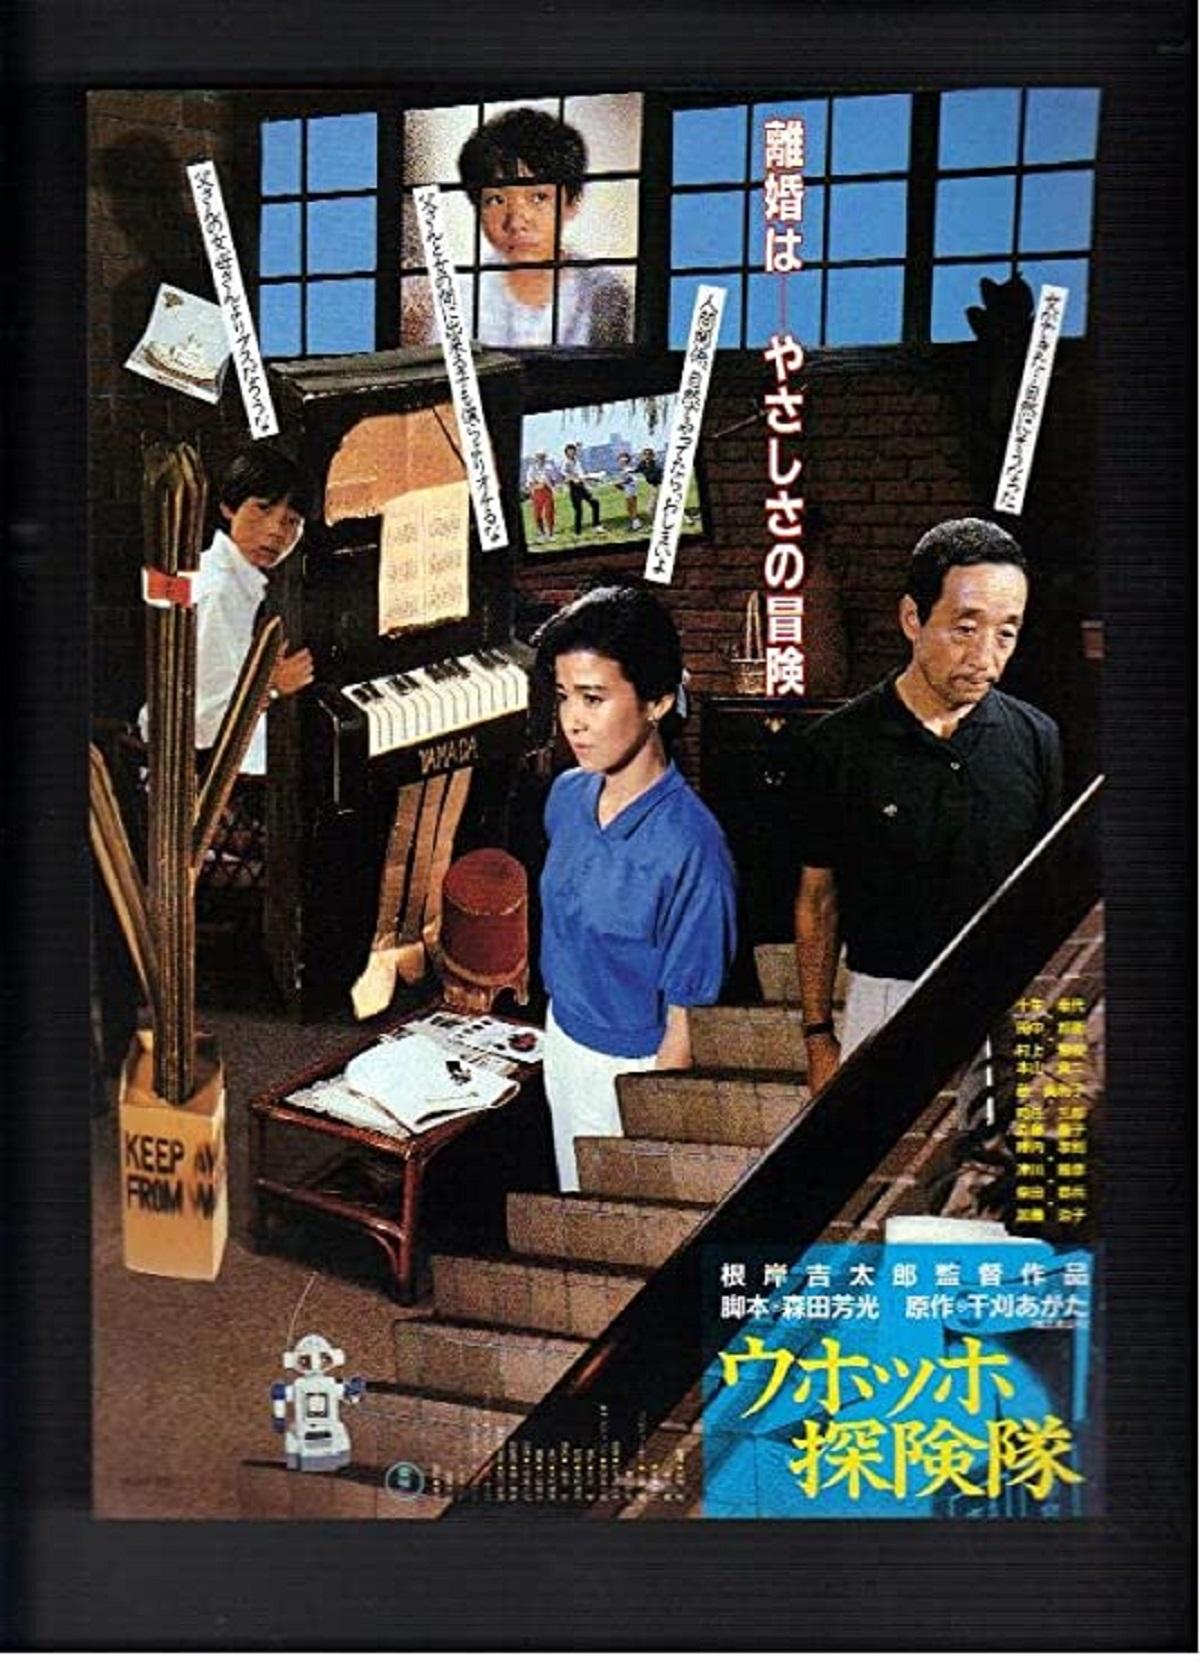 映画『ウホッホ探検隊』のポスター